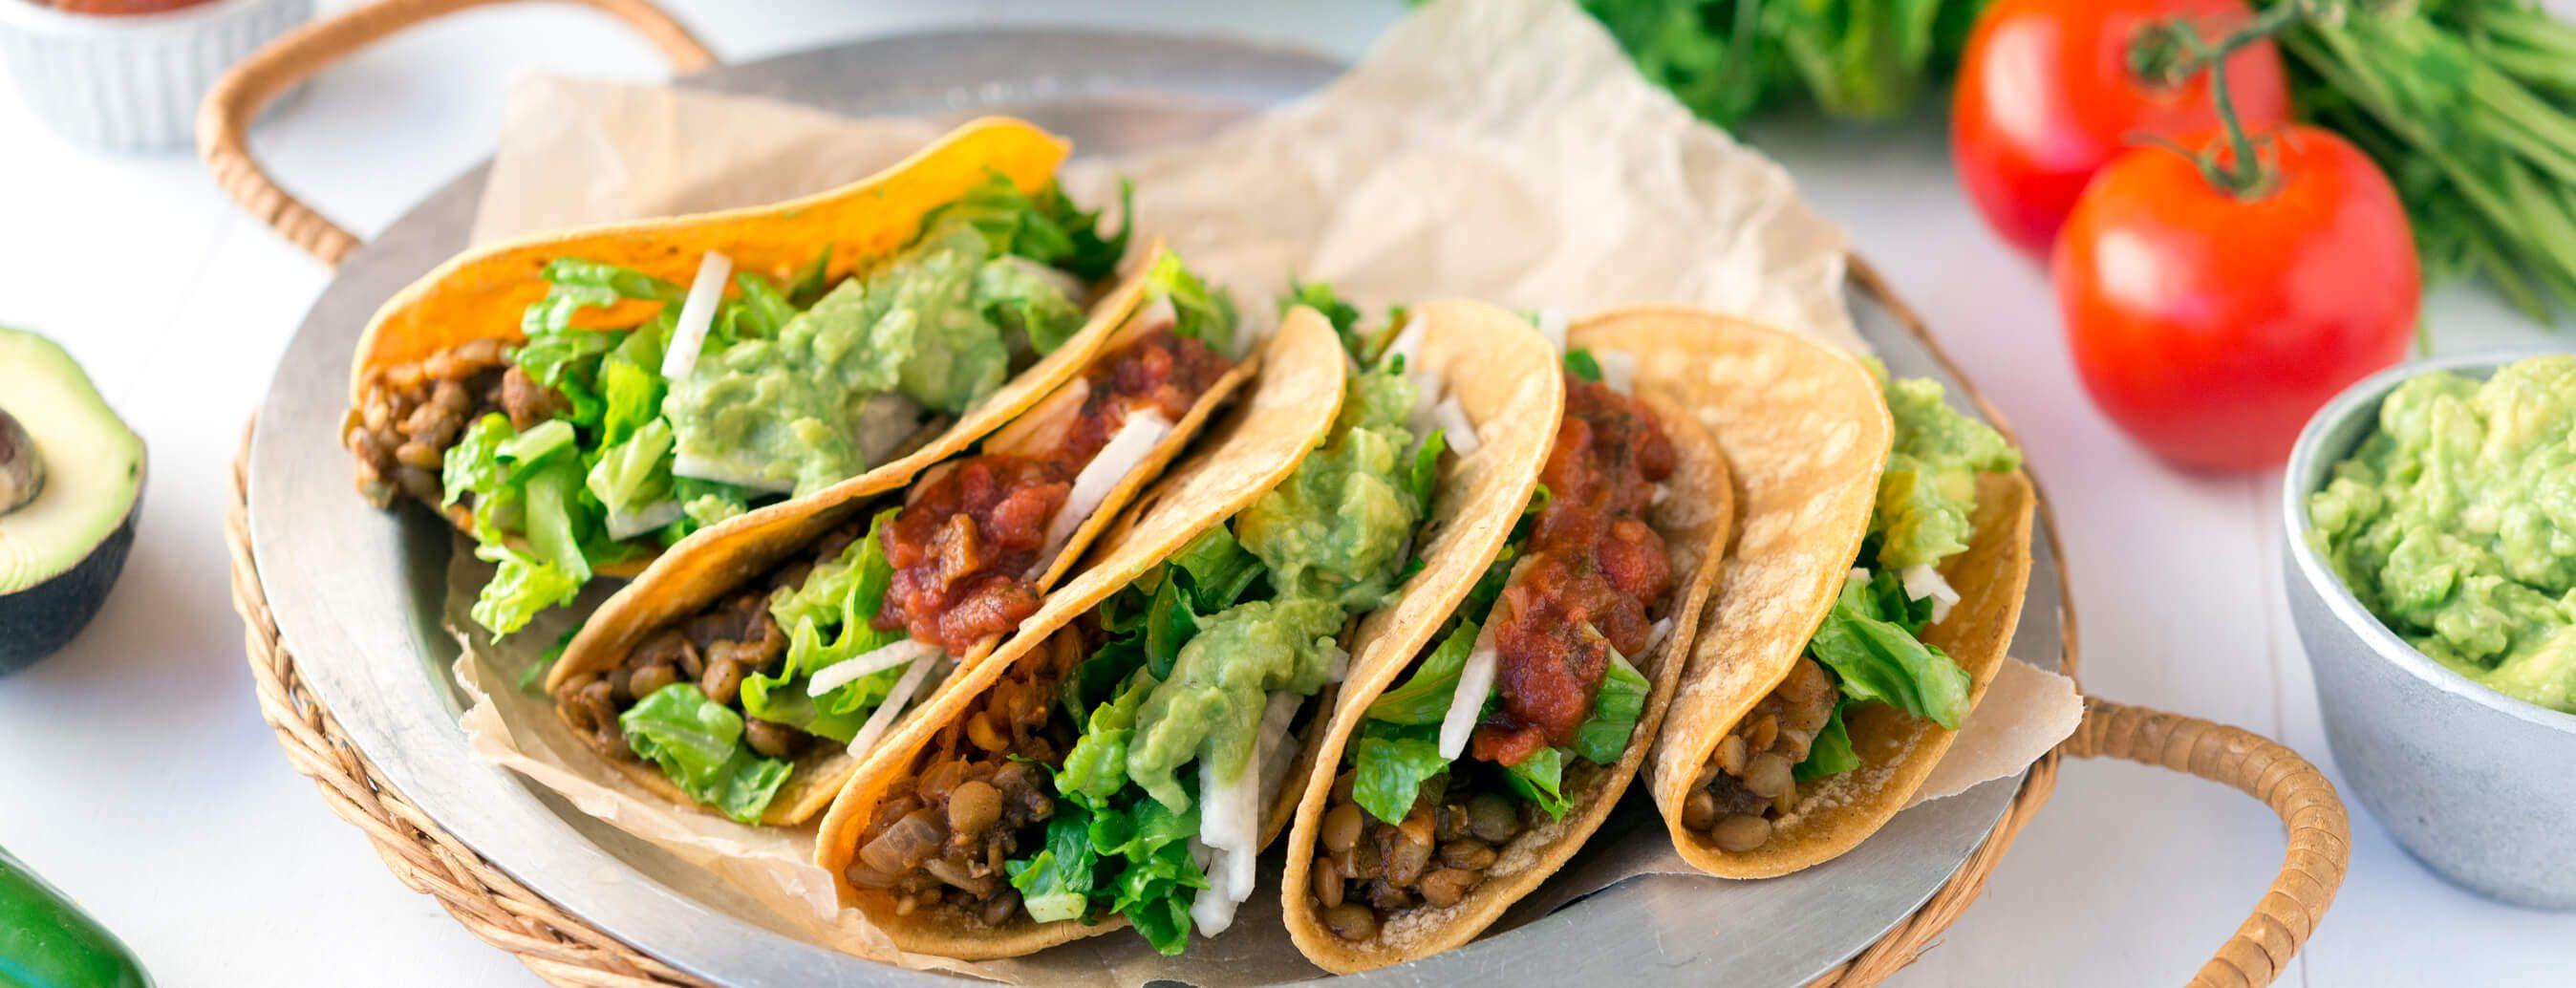 lentil tacos, plant-based